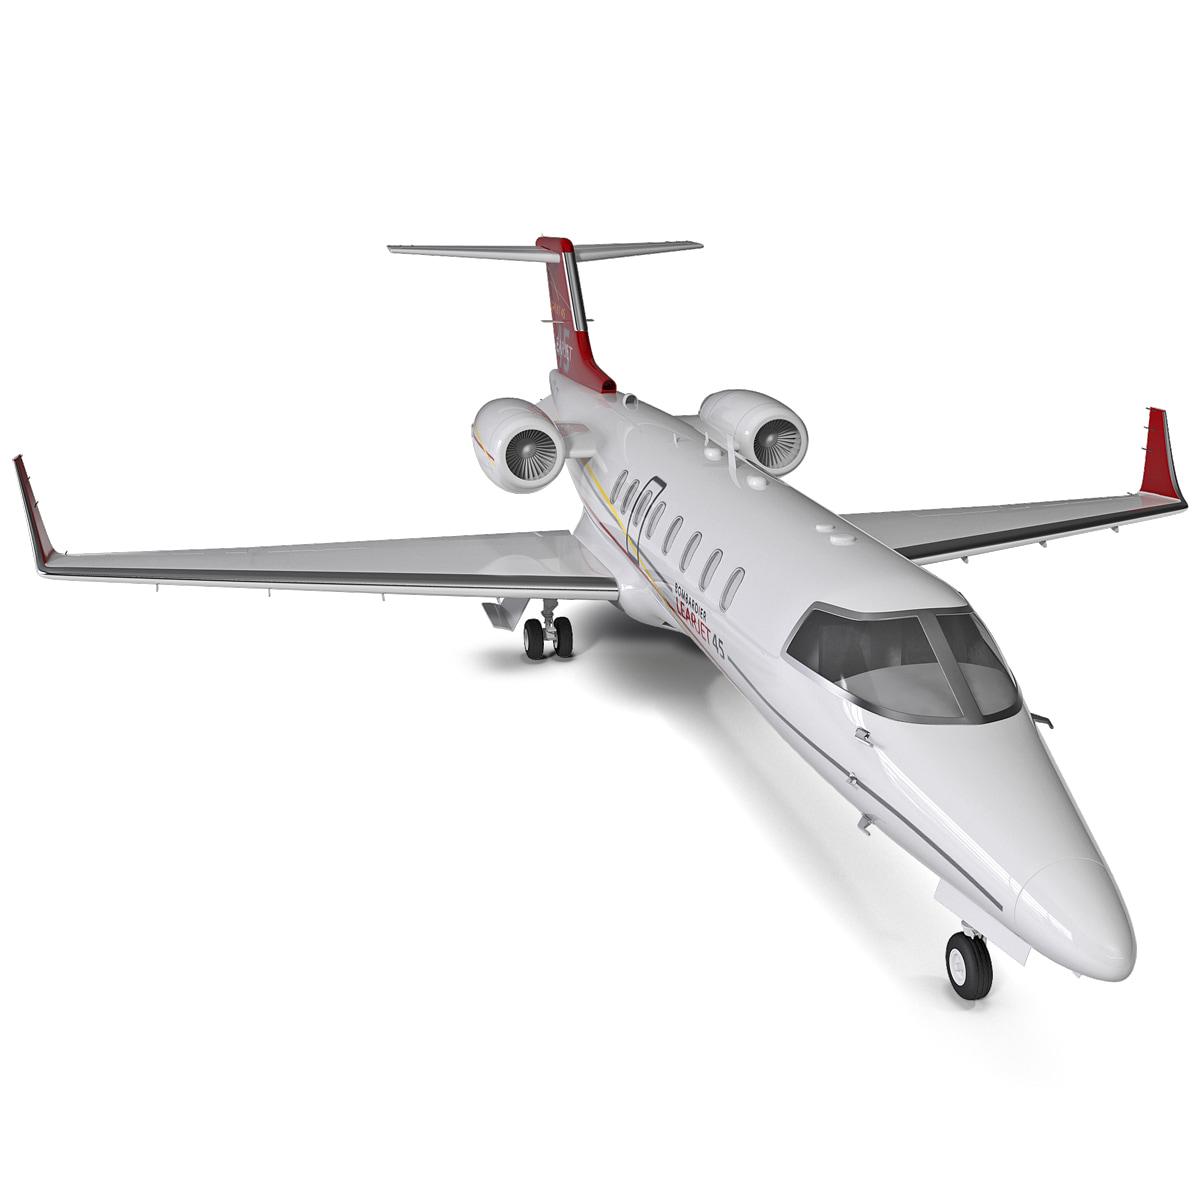 Bombardier Learjet 45 Rigged_8.jpg